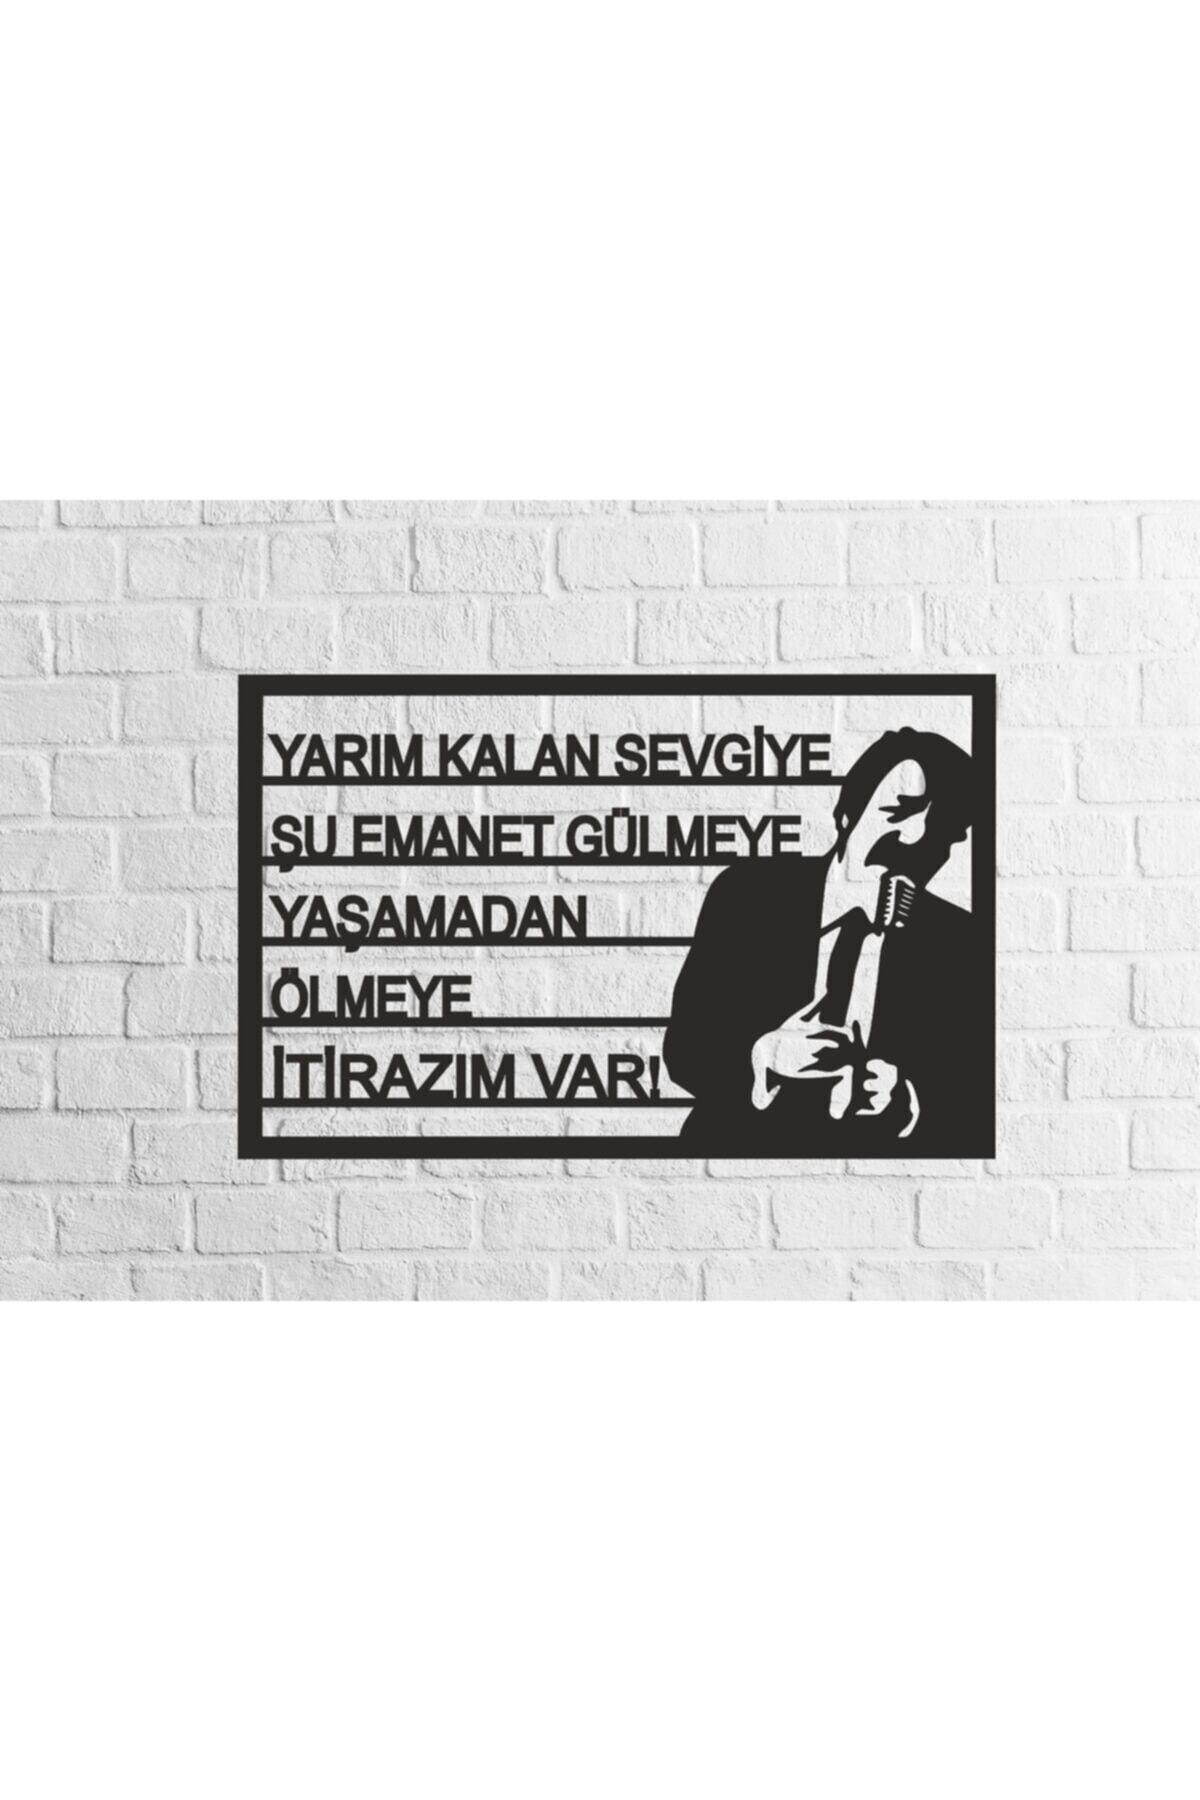 RetroLazer Müslüm Gürses Silüetli Mdf Tablo Evinize Ofisinize Yeni Tarz Wall 1